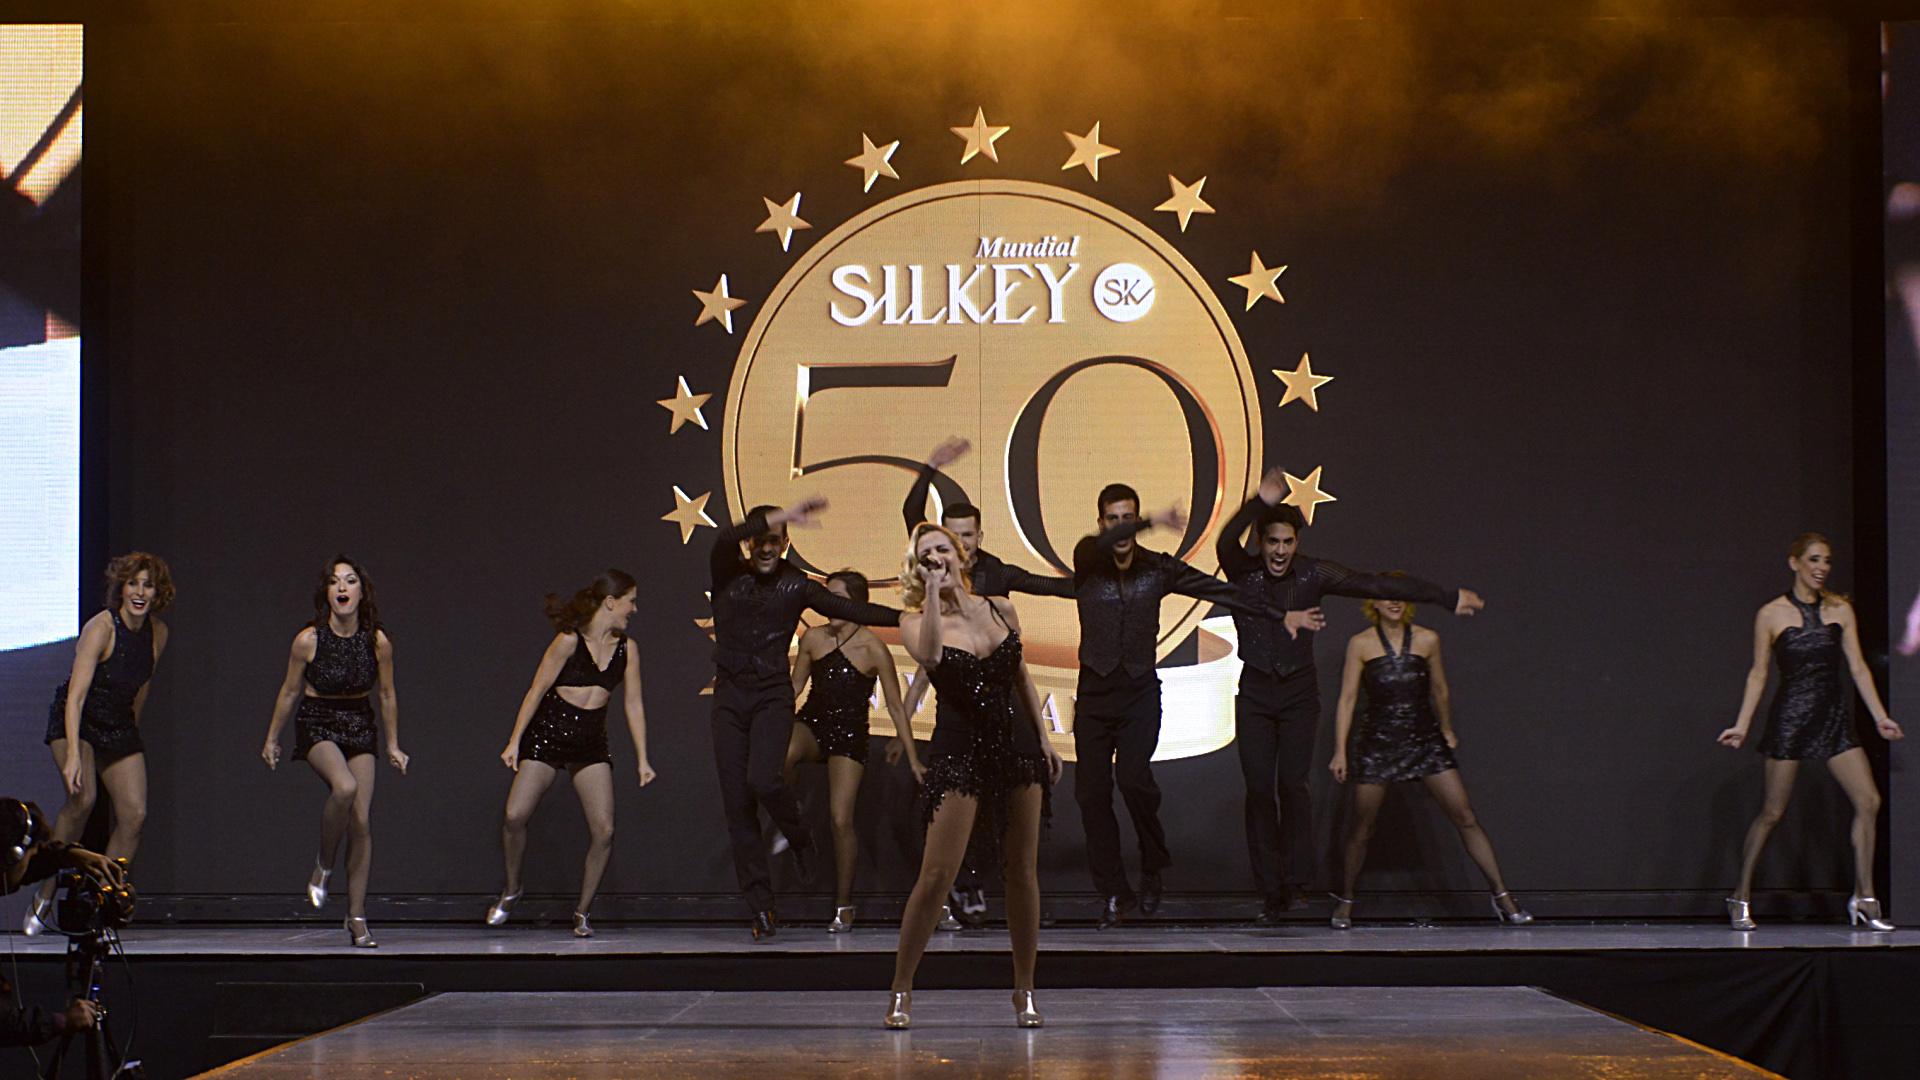 A las 18.30 hs de la tarde, un musical dirigido por el coreógrafo Gustavo Wons daba comienzo al tan esperado desfile de SIlkey